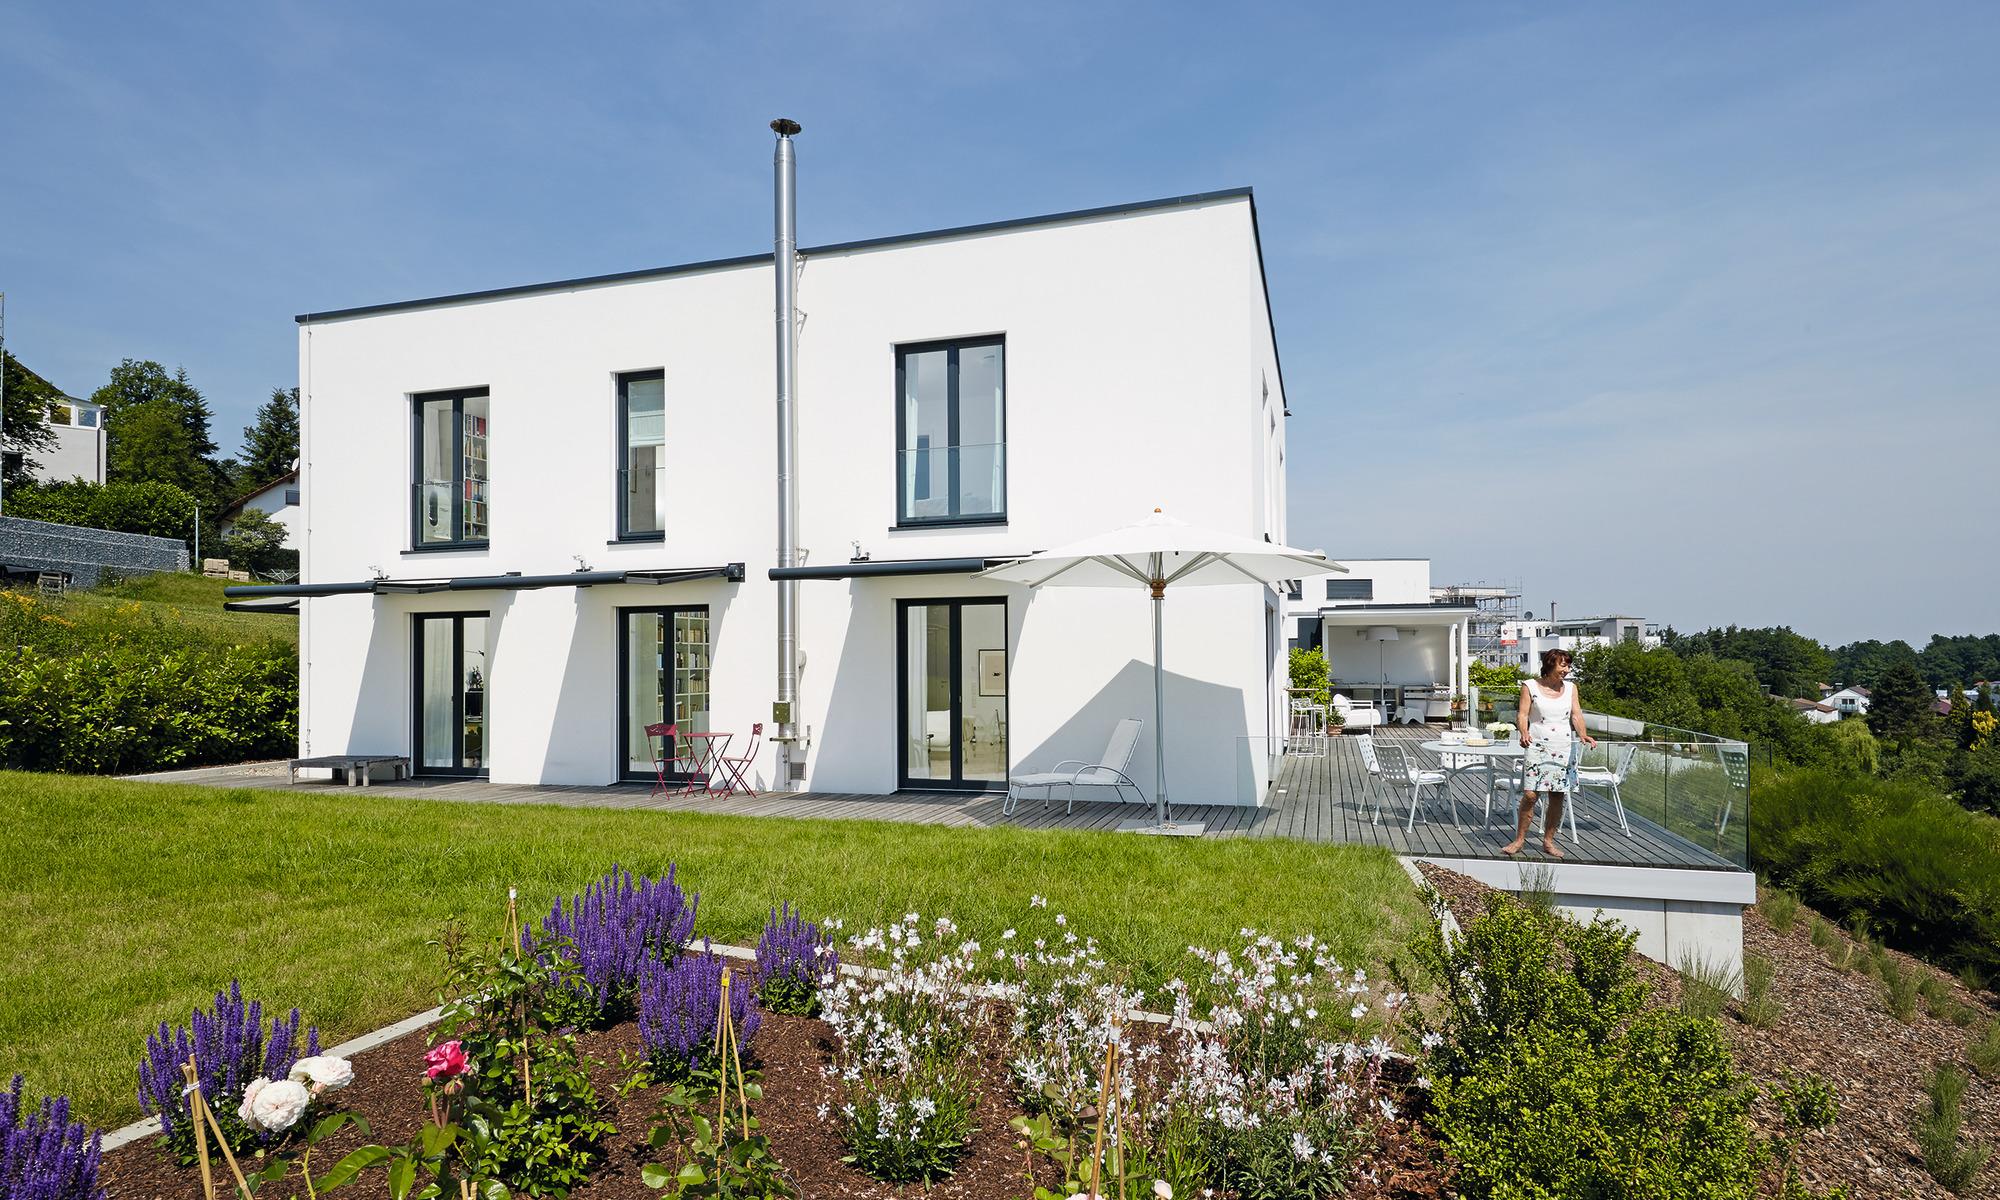 modernes 2-geschossiges Haus mit Flachdach